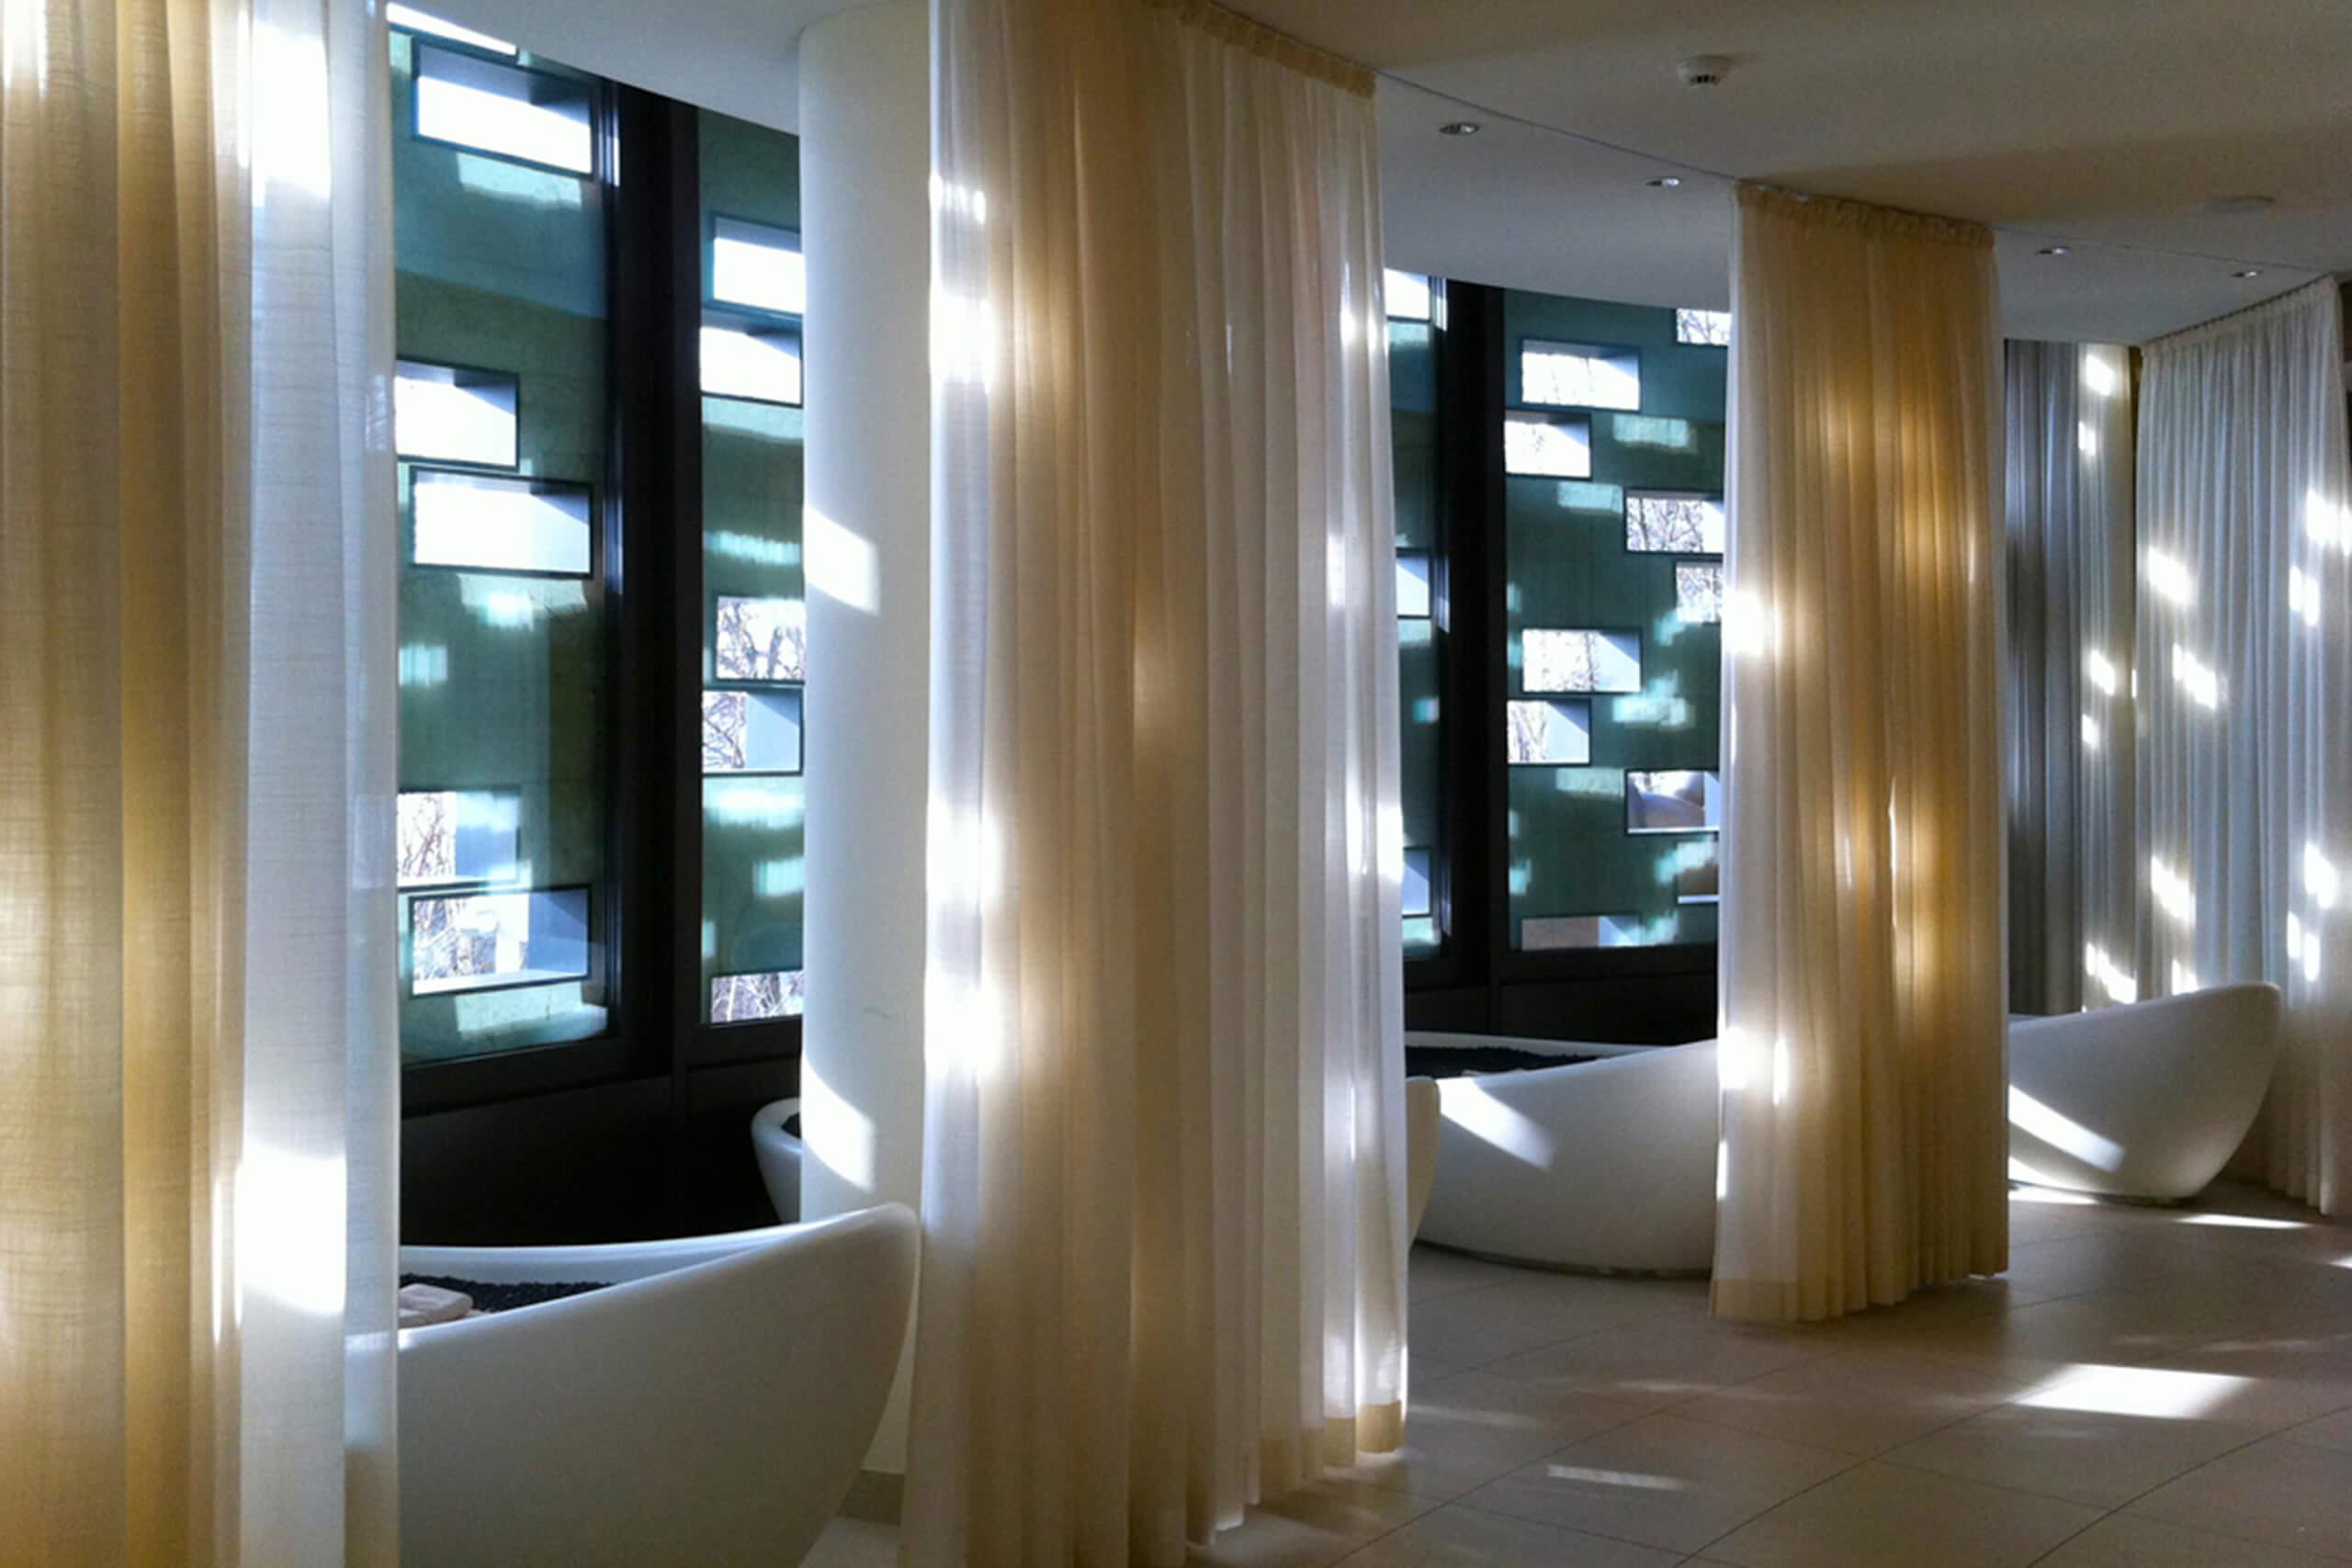 Dolder Grande Hotel, Zurich, Switzerland, by Michelle Chaplow